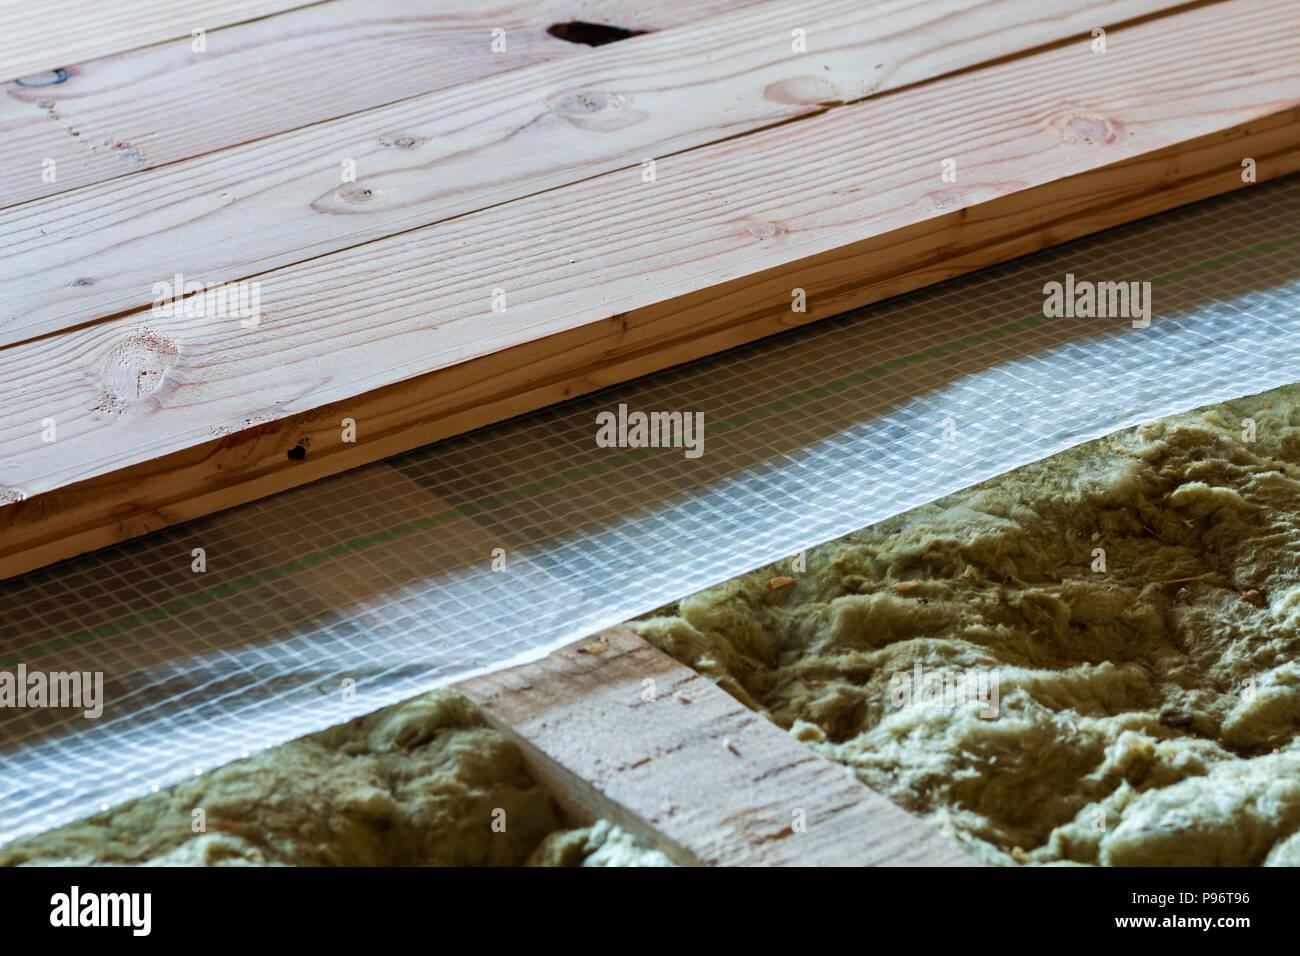 Holzfußboden Dämmen ~ Holzfußboden von unten isolieren » drei schwarze rahmen hängen eine